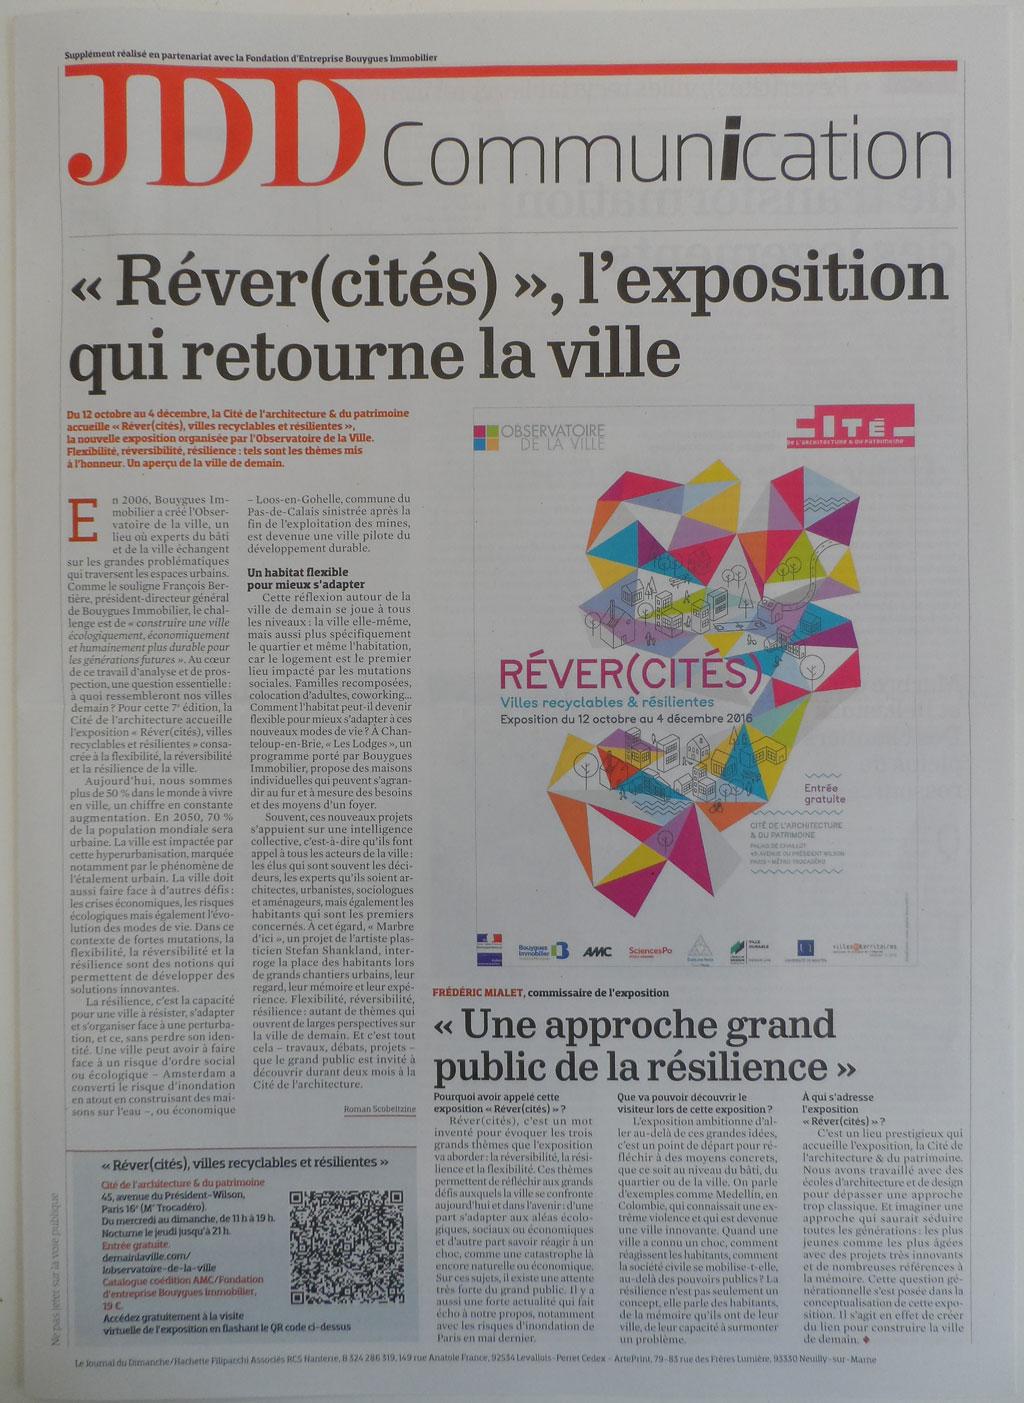 JDD Communication: « Réver(cités) », l'Exposition qui Retourne la Ville